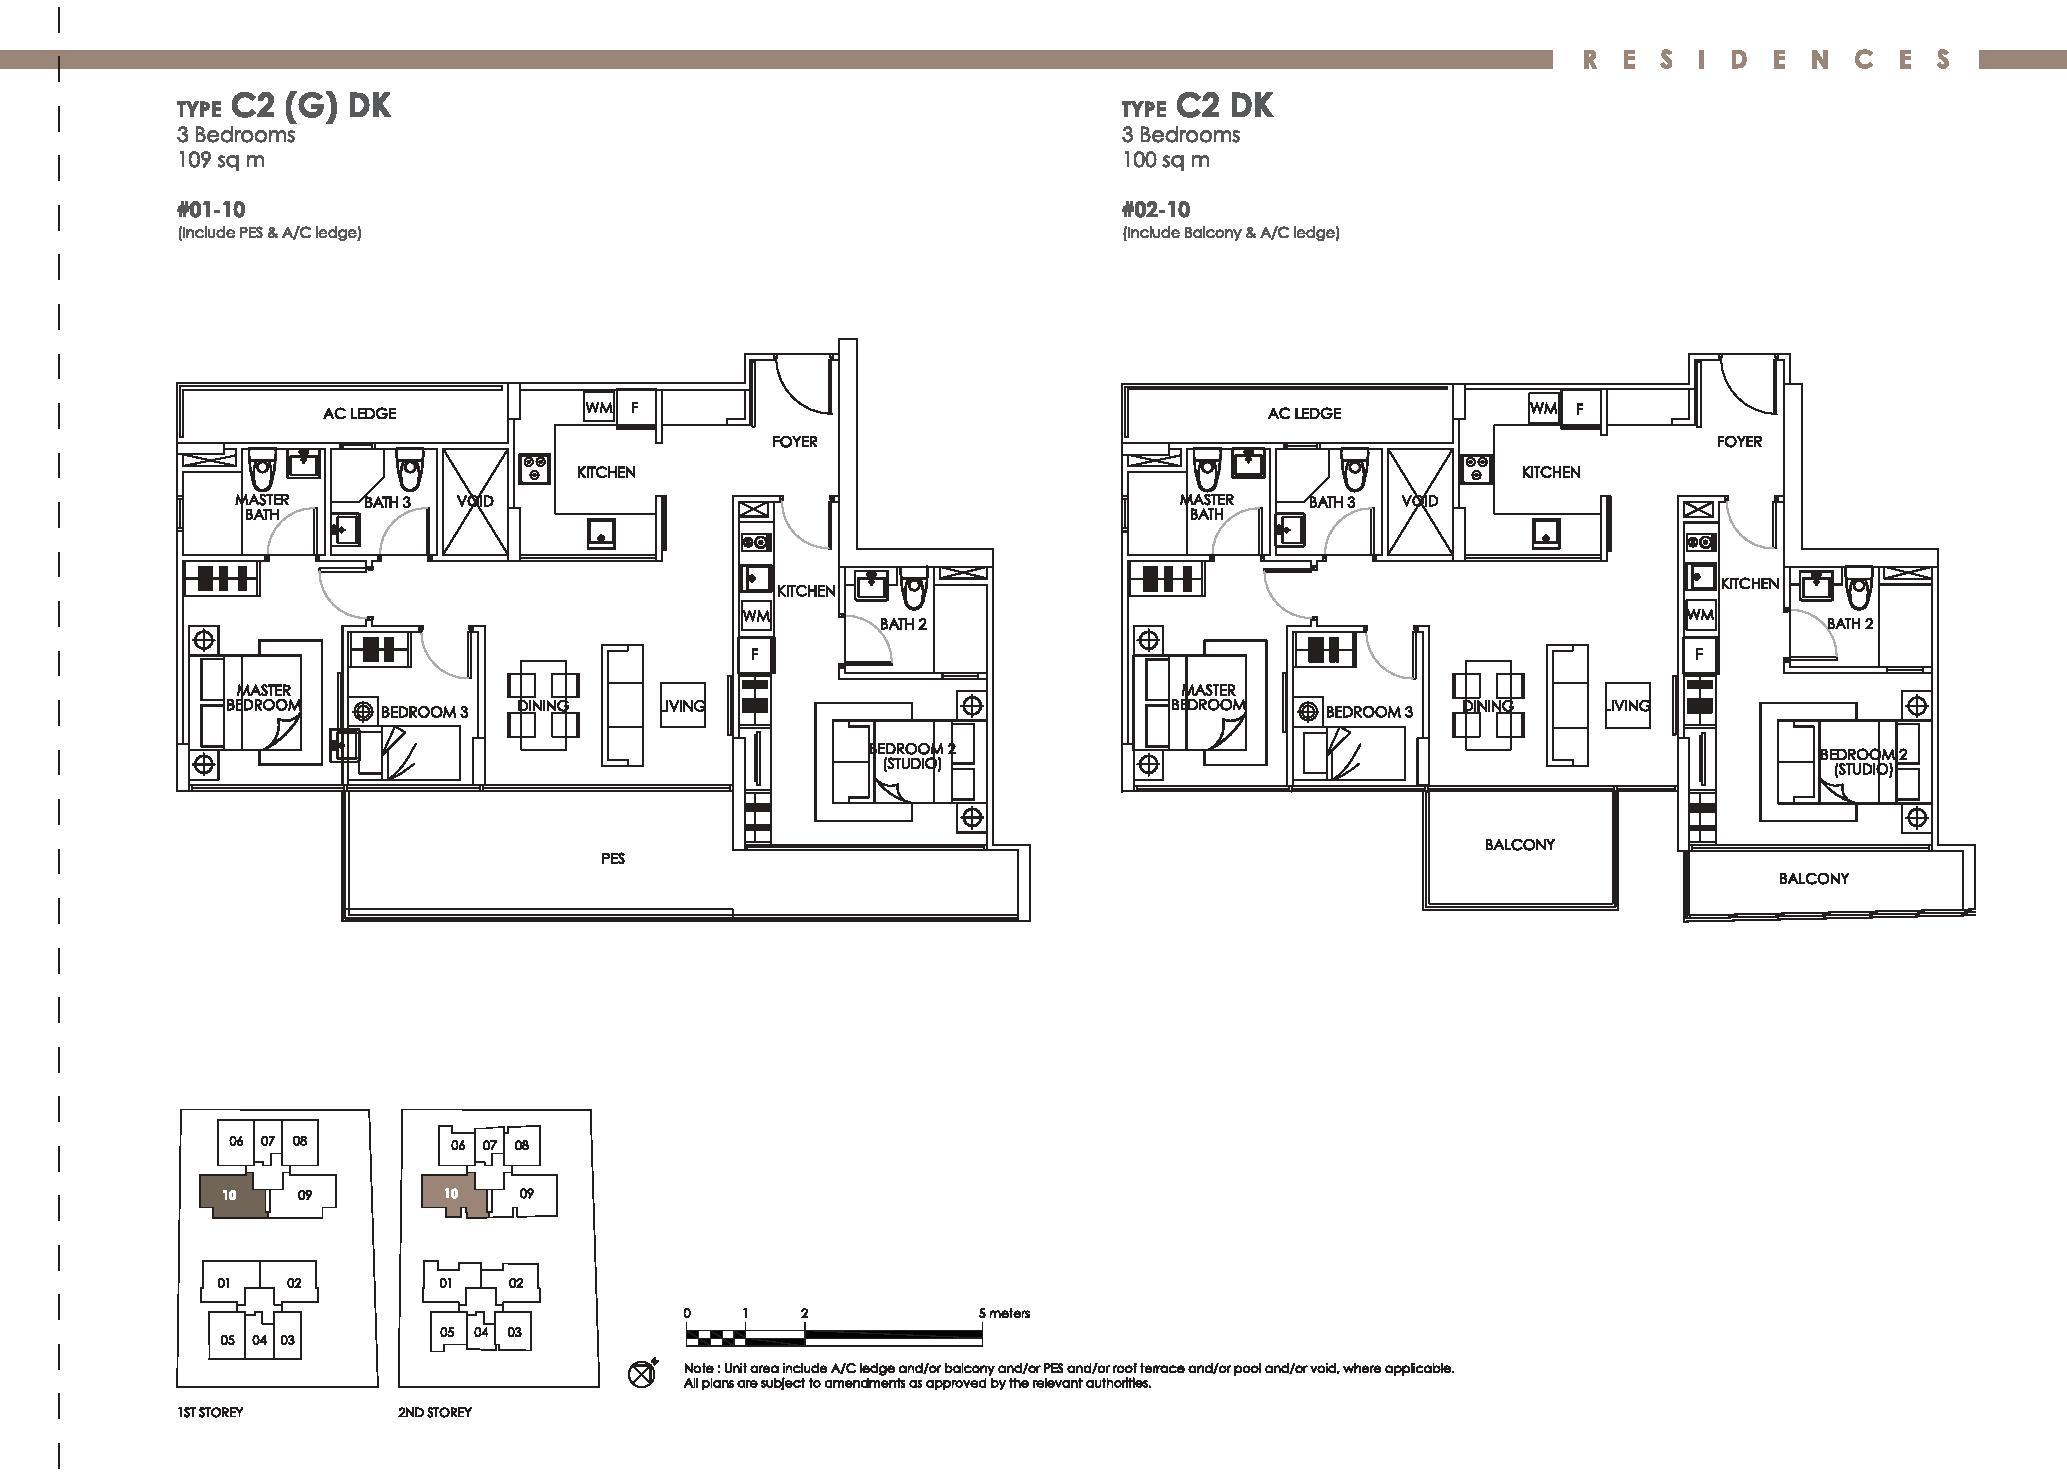 bently residences kovan 3 bedroom dual key